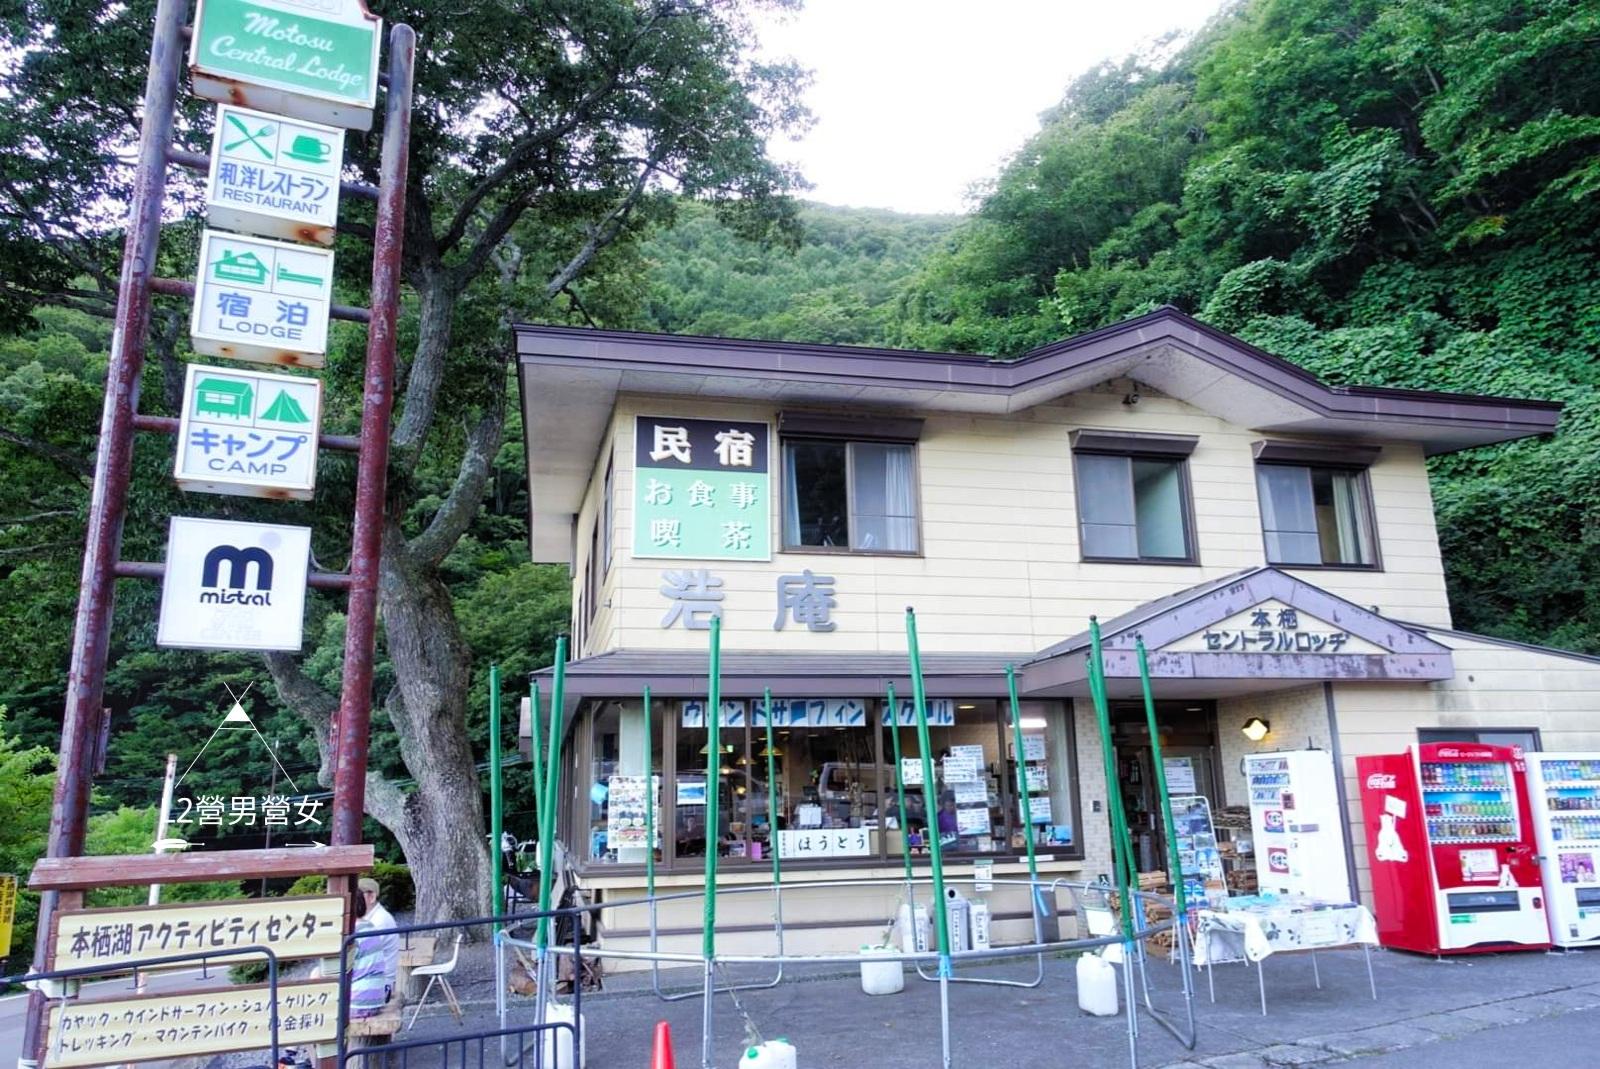 日本動漫朝聖之旅《搖曳露營 》~【富士山本棲湖】浩庵露營場